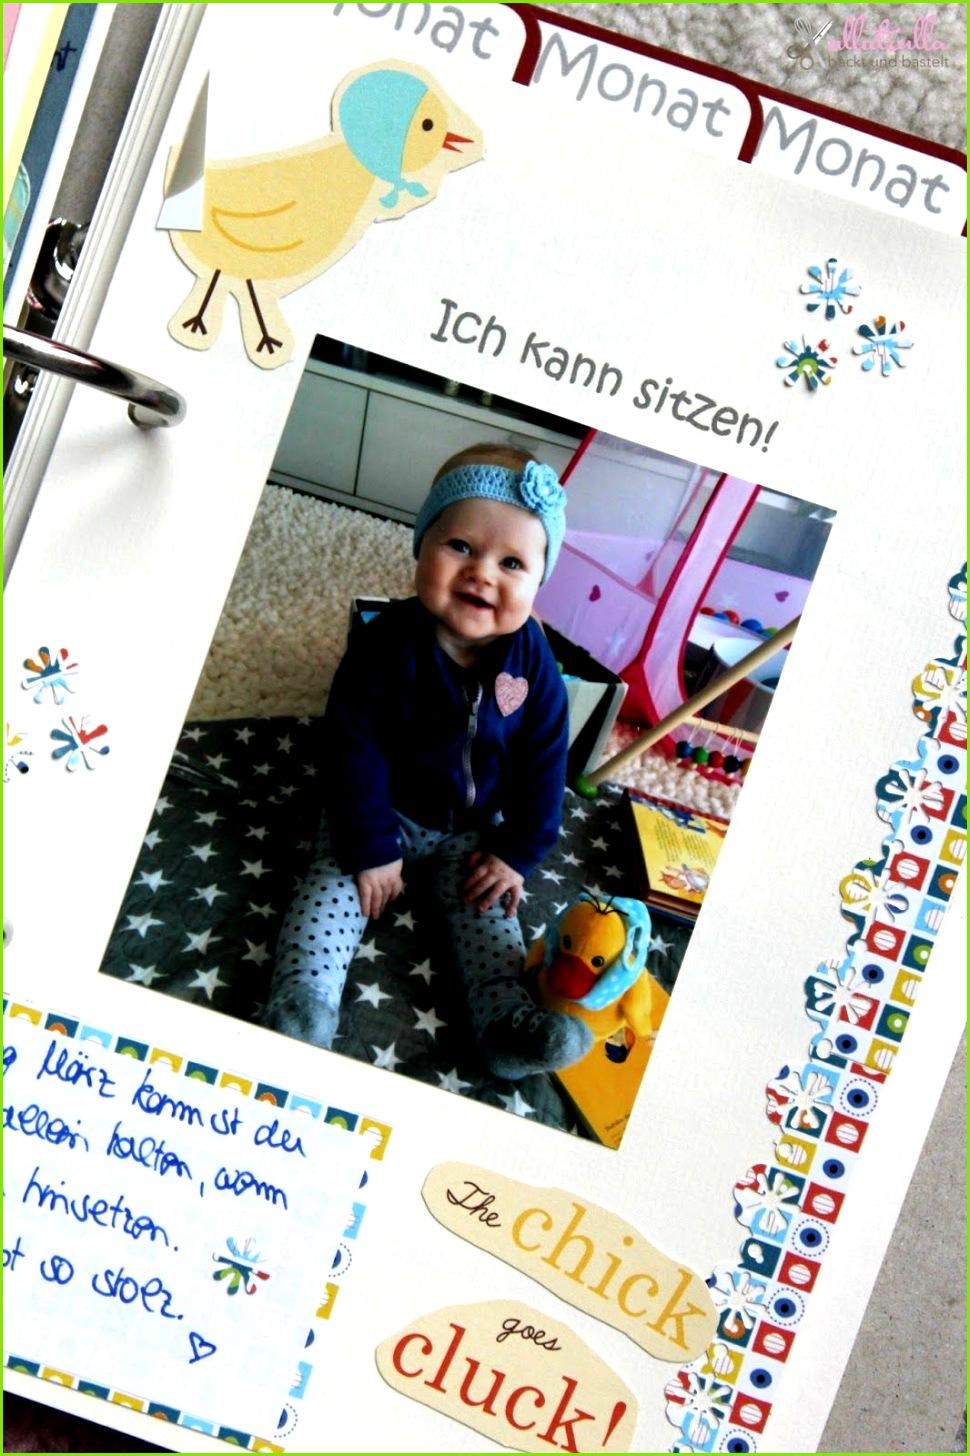 ullatrulla backt und bastelt DIY Babyalbum selber gestalten Gewinnspiel geschlossen Diy Geschenke Foto